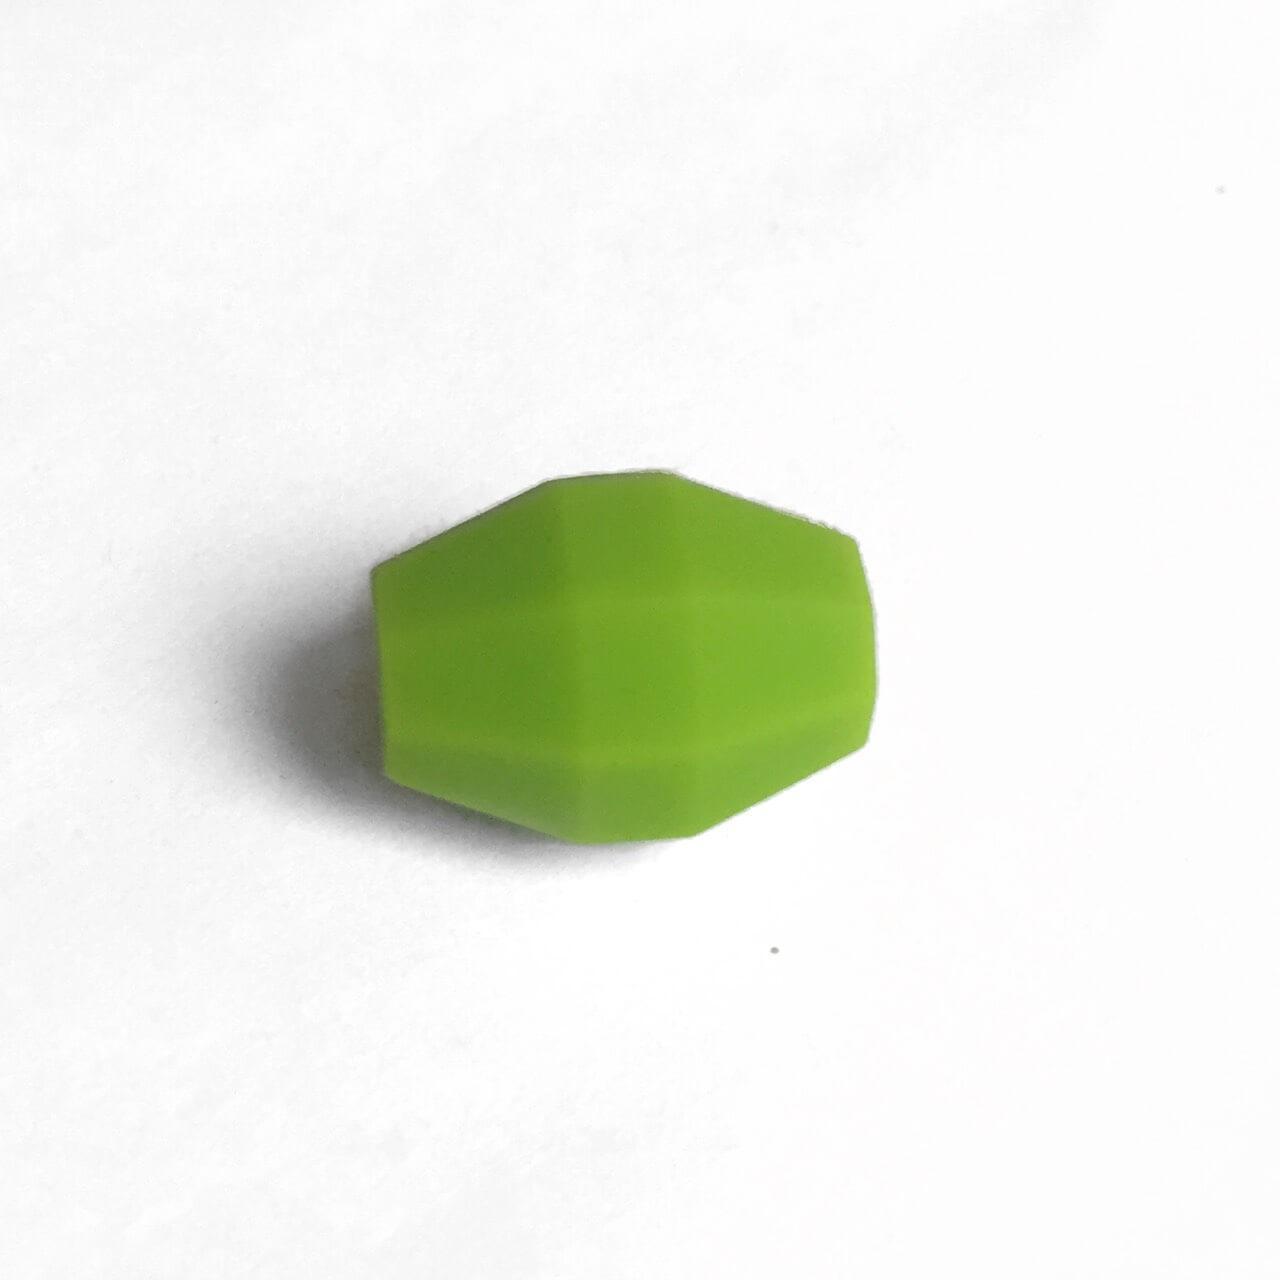 Бочка (зеленый)  бусина из силикона